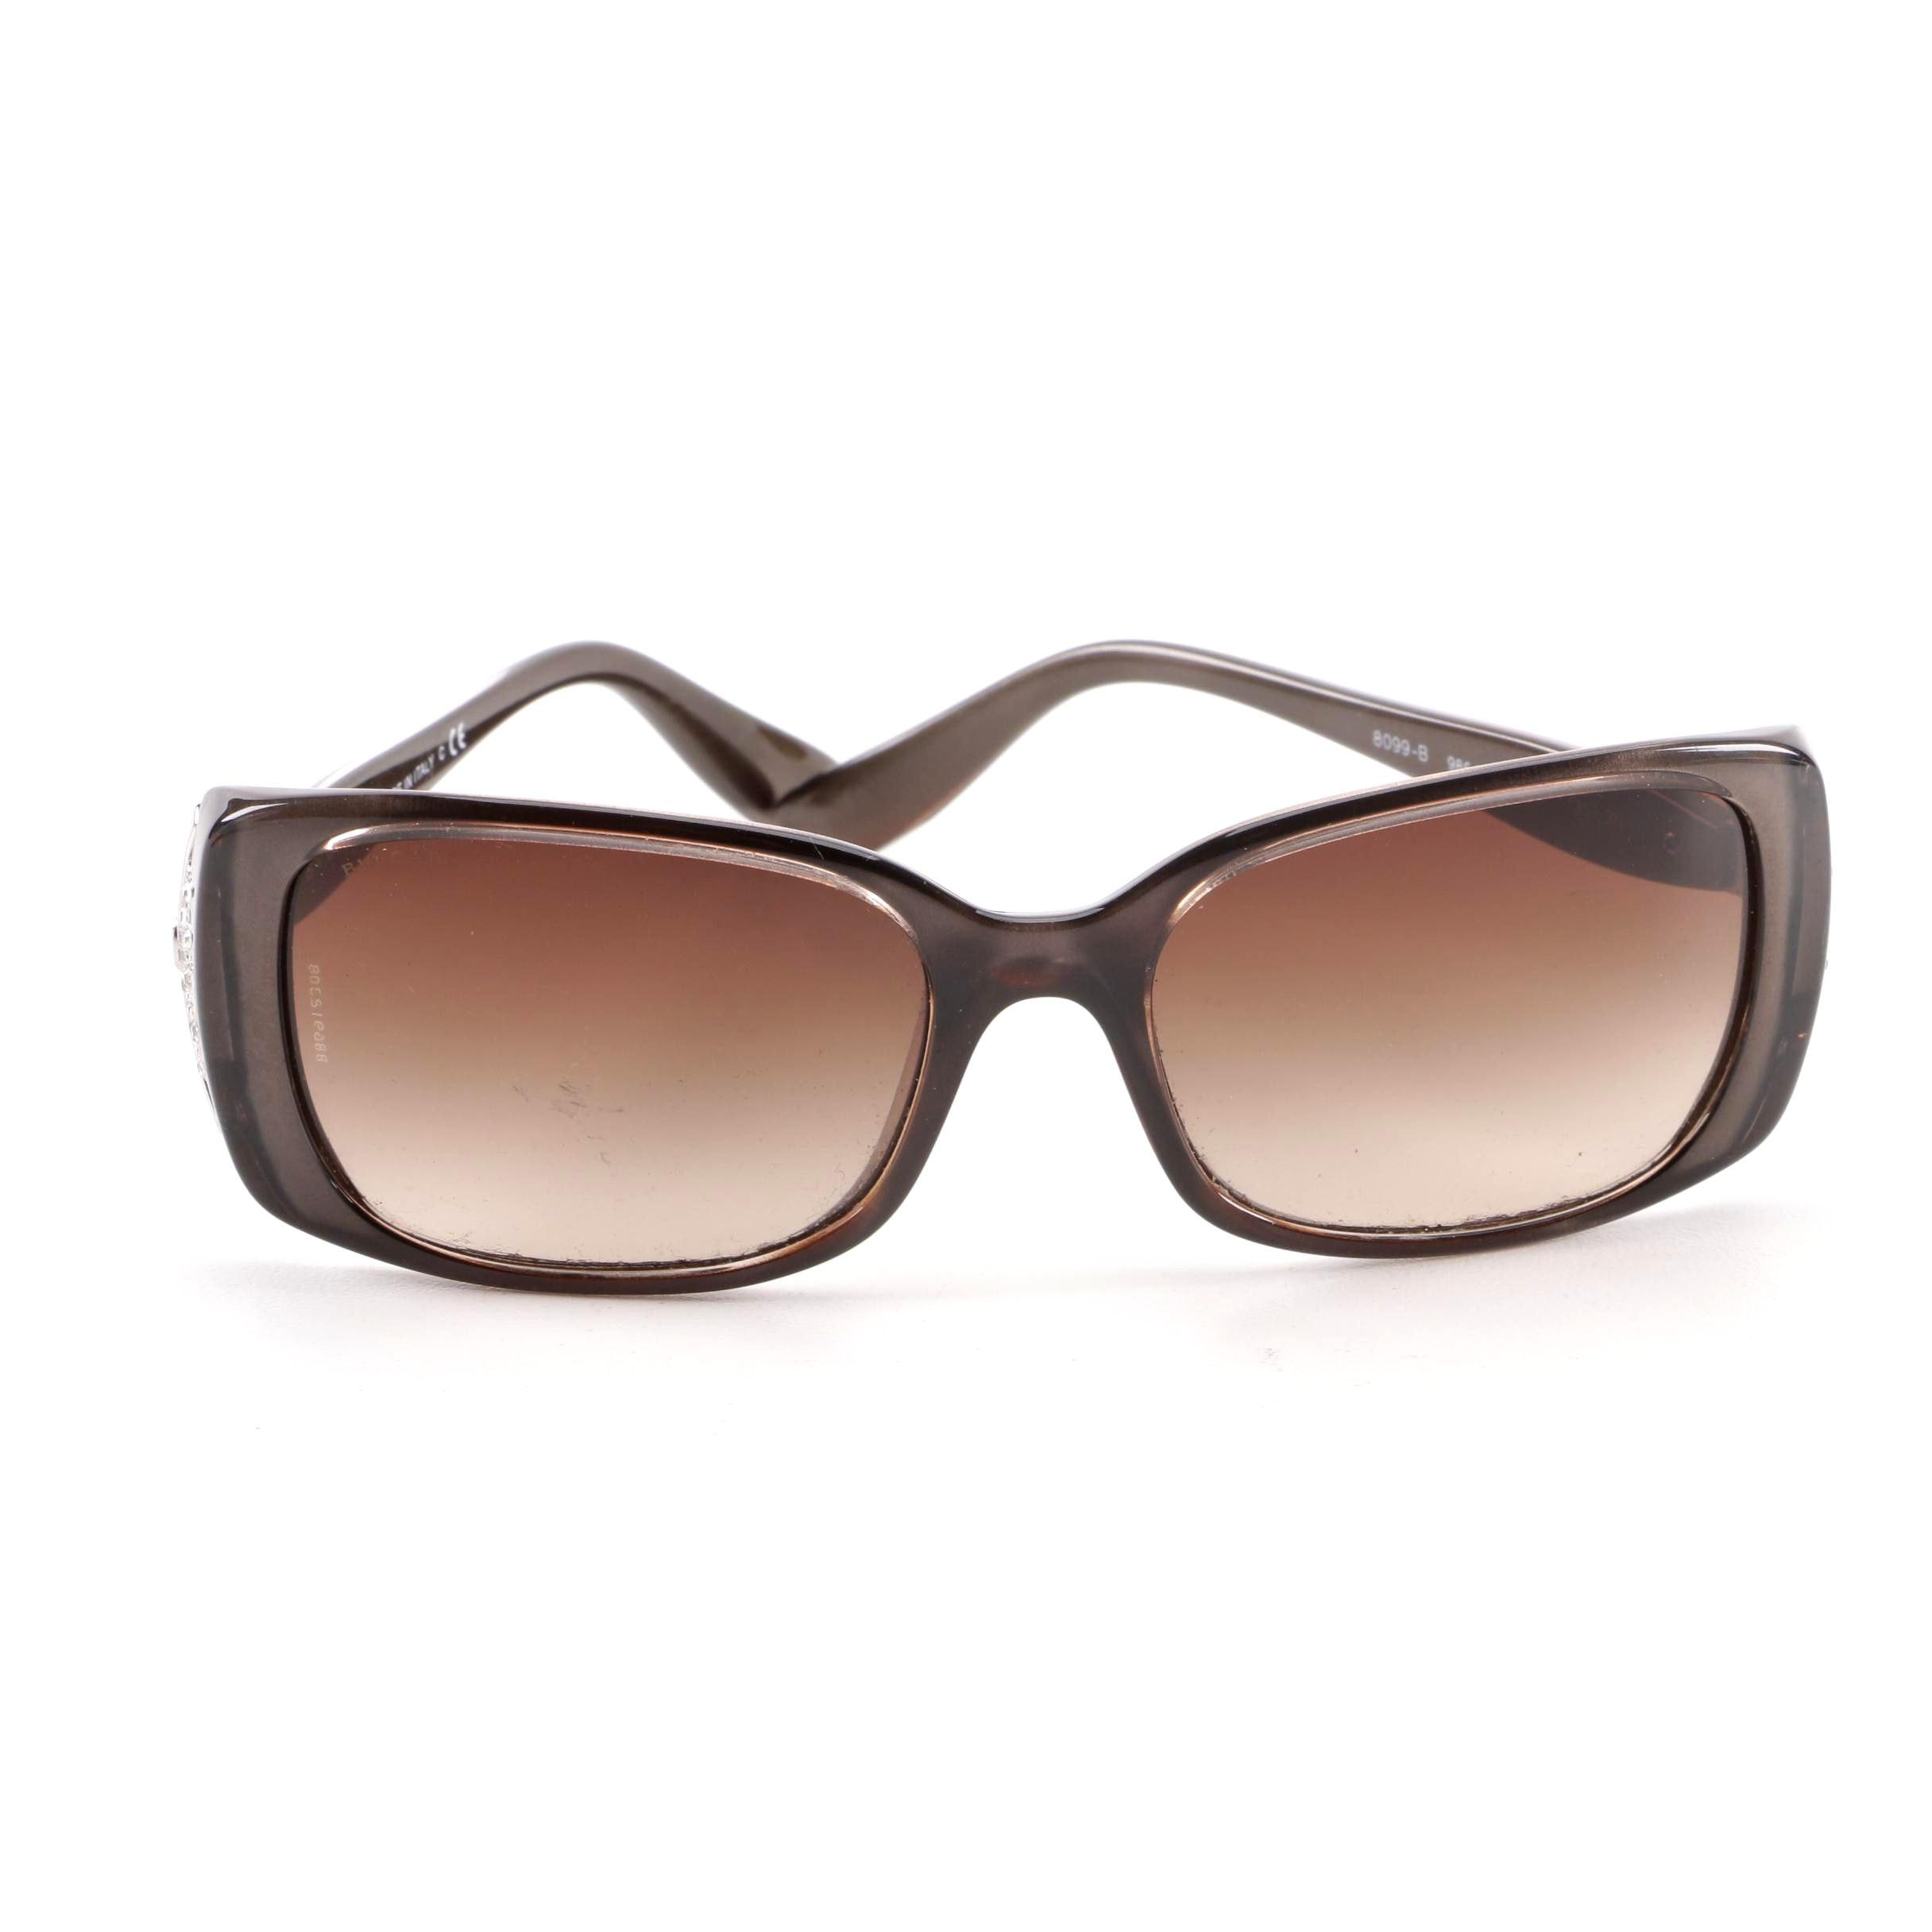 BVLGARI 8099-B Brown Rectangular Sunglasses